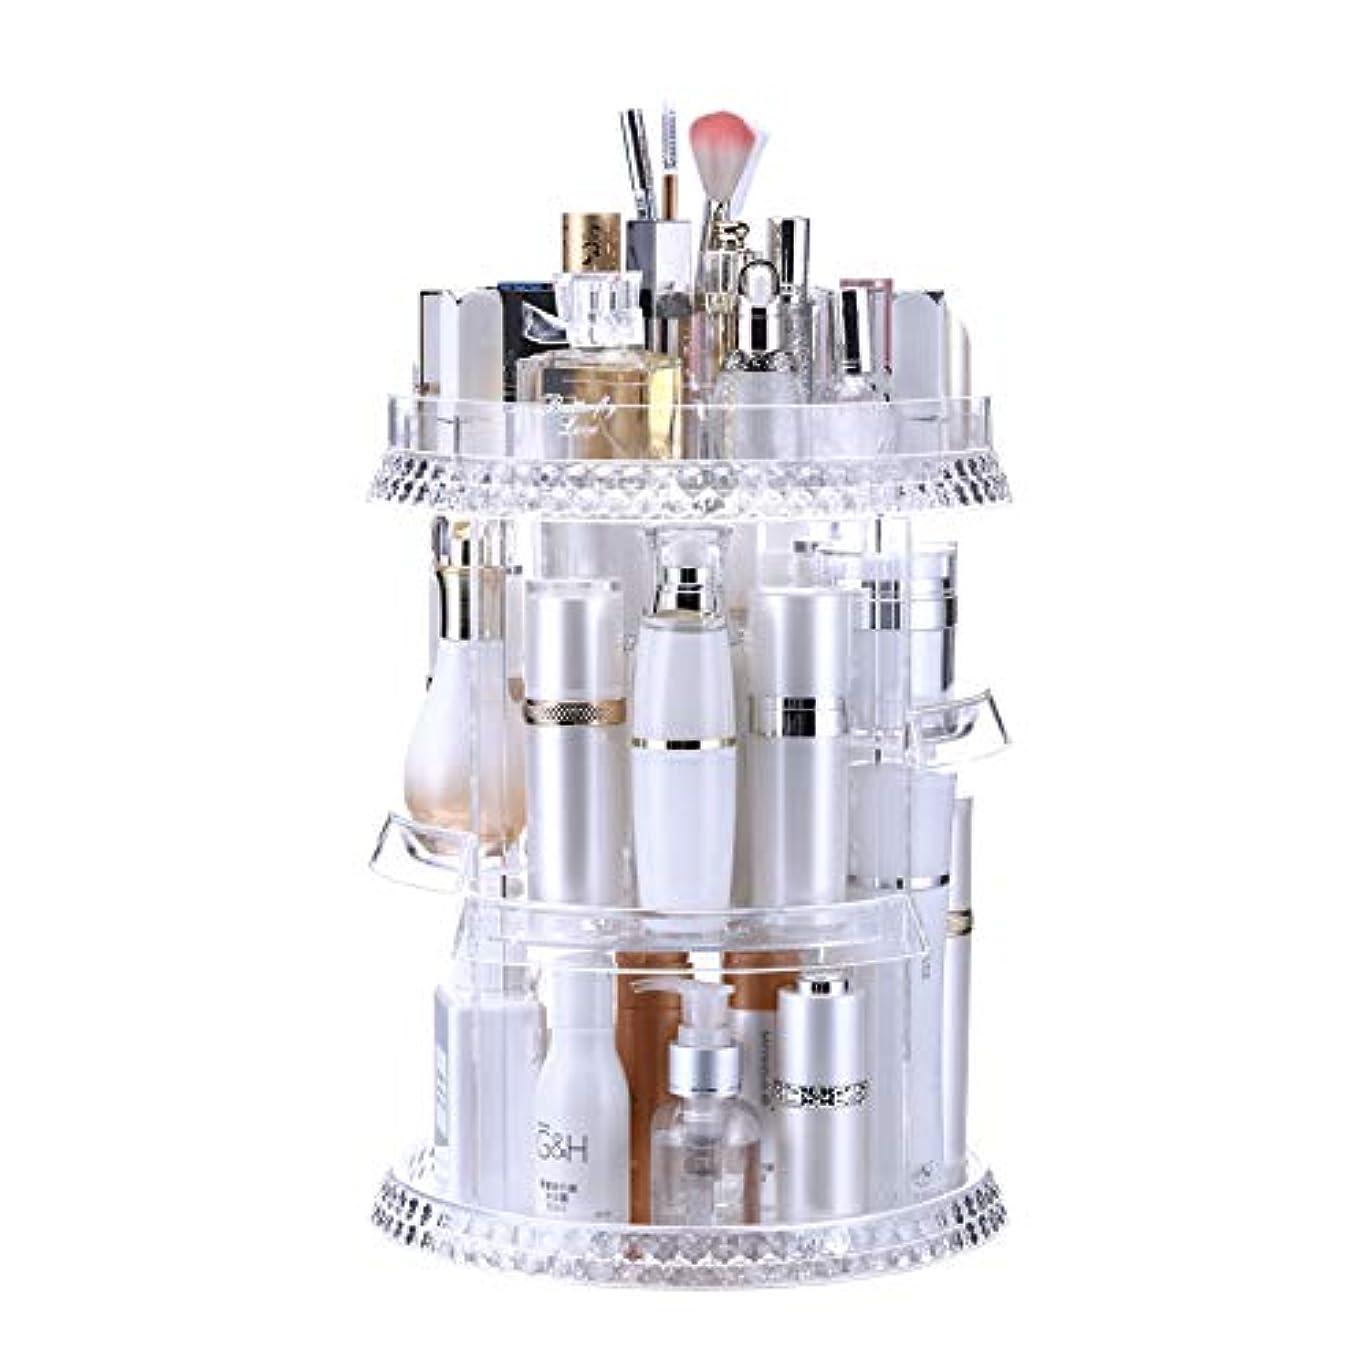 取り出すうがい薬期待してStarmory メイクボックス 360度回転式 大容量 (ダイヤモンドクリスタルスタイル) メイクケース 香水 口紅 化粧道具 収納 高さ調節可能 透明プラスチック化粧品ケース